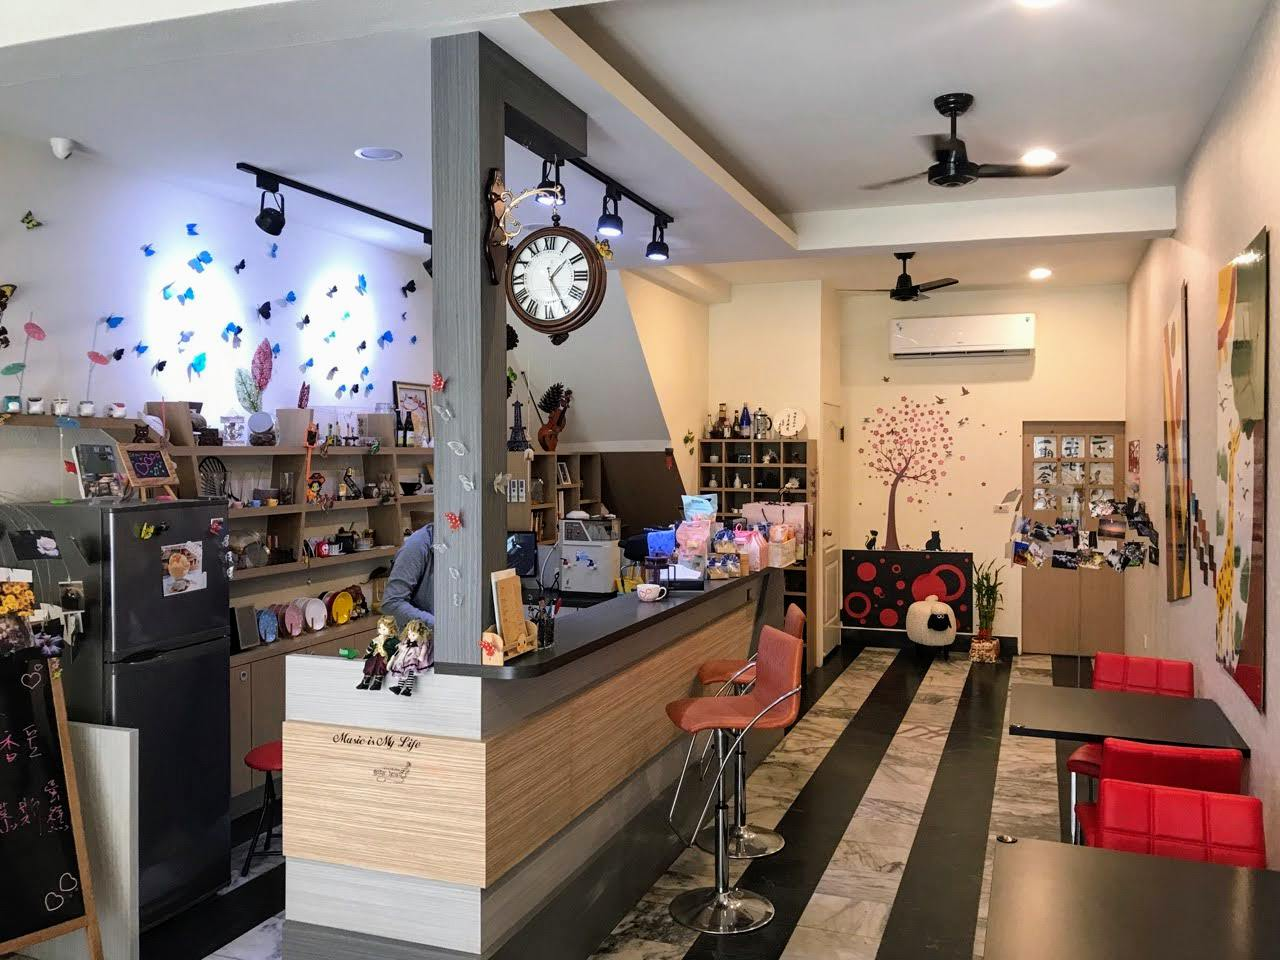 【台南|永康】恆志的店|圓夢與延續愛的咖啡店